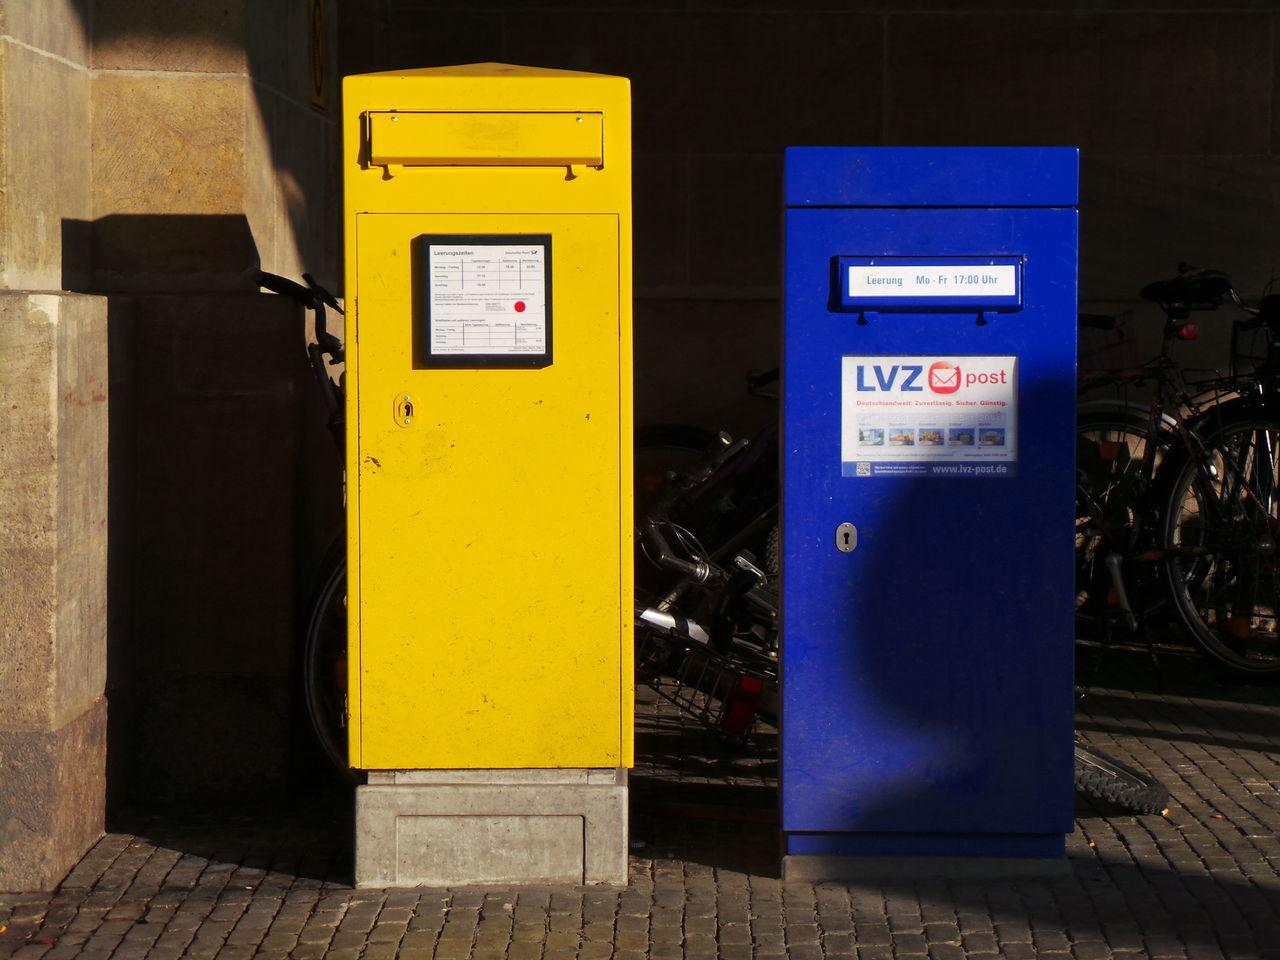 Blau Blue Briefkasten Communication Gelb Kommunikation Letter Box Letterbox Mail Box Mailbox Postbox Postkasten Yellow